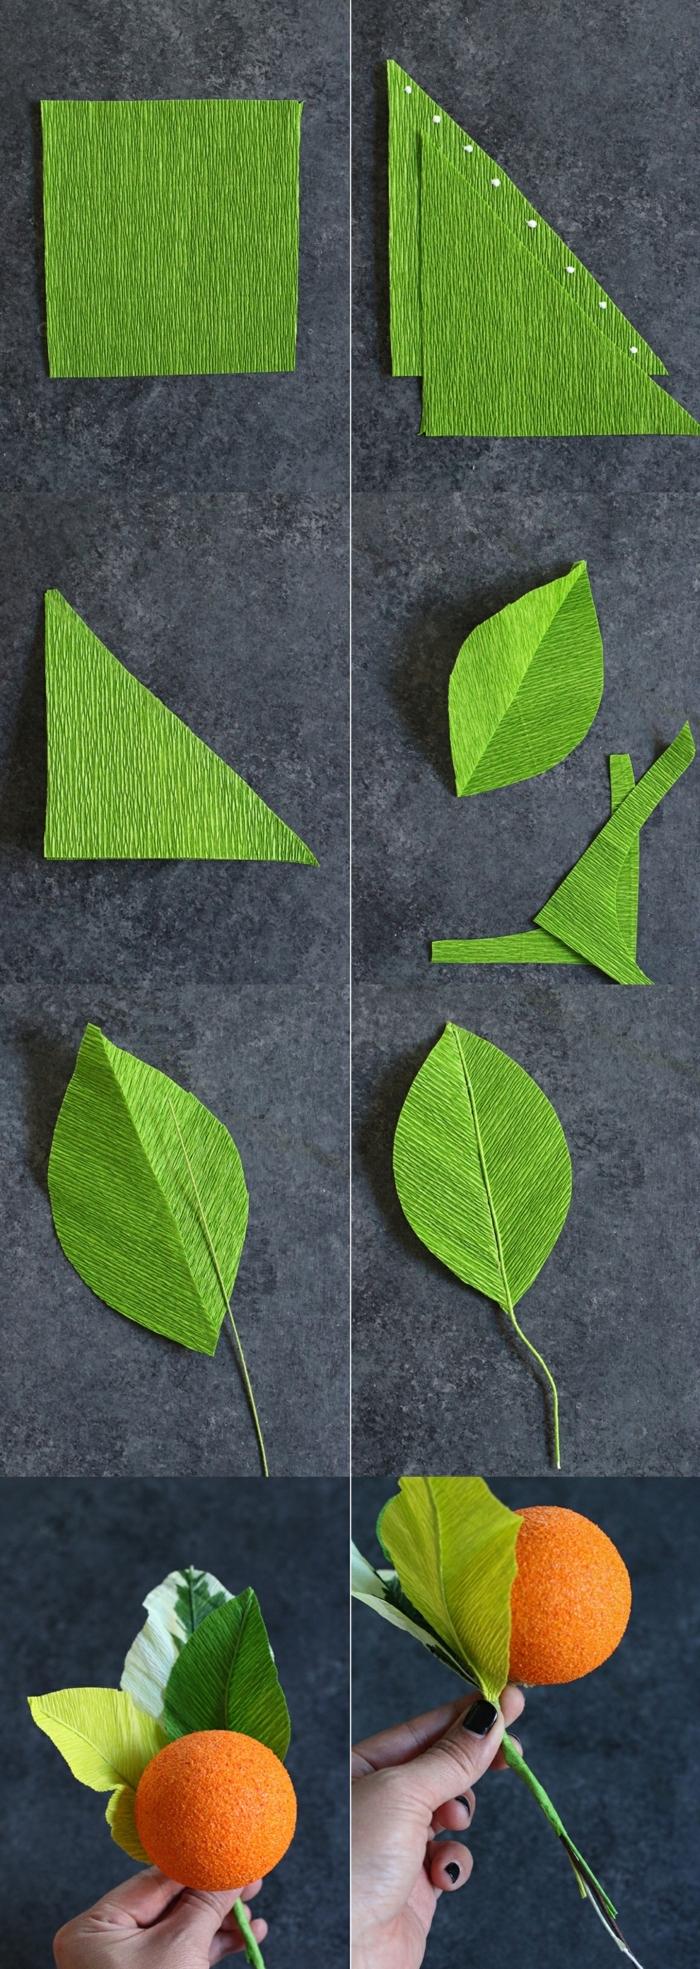 DIY Anleitung zum basteln von grünen Blättern, Deko für die Wohnung selber machen